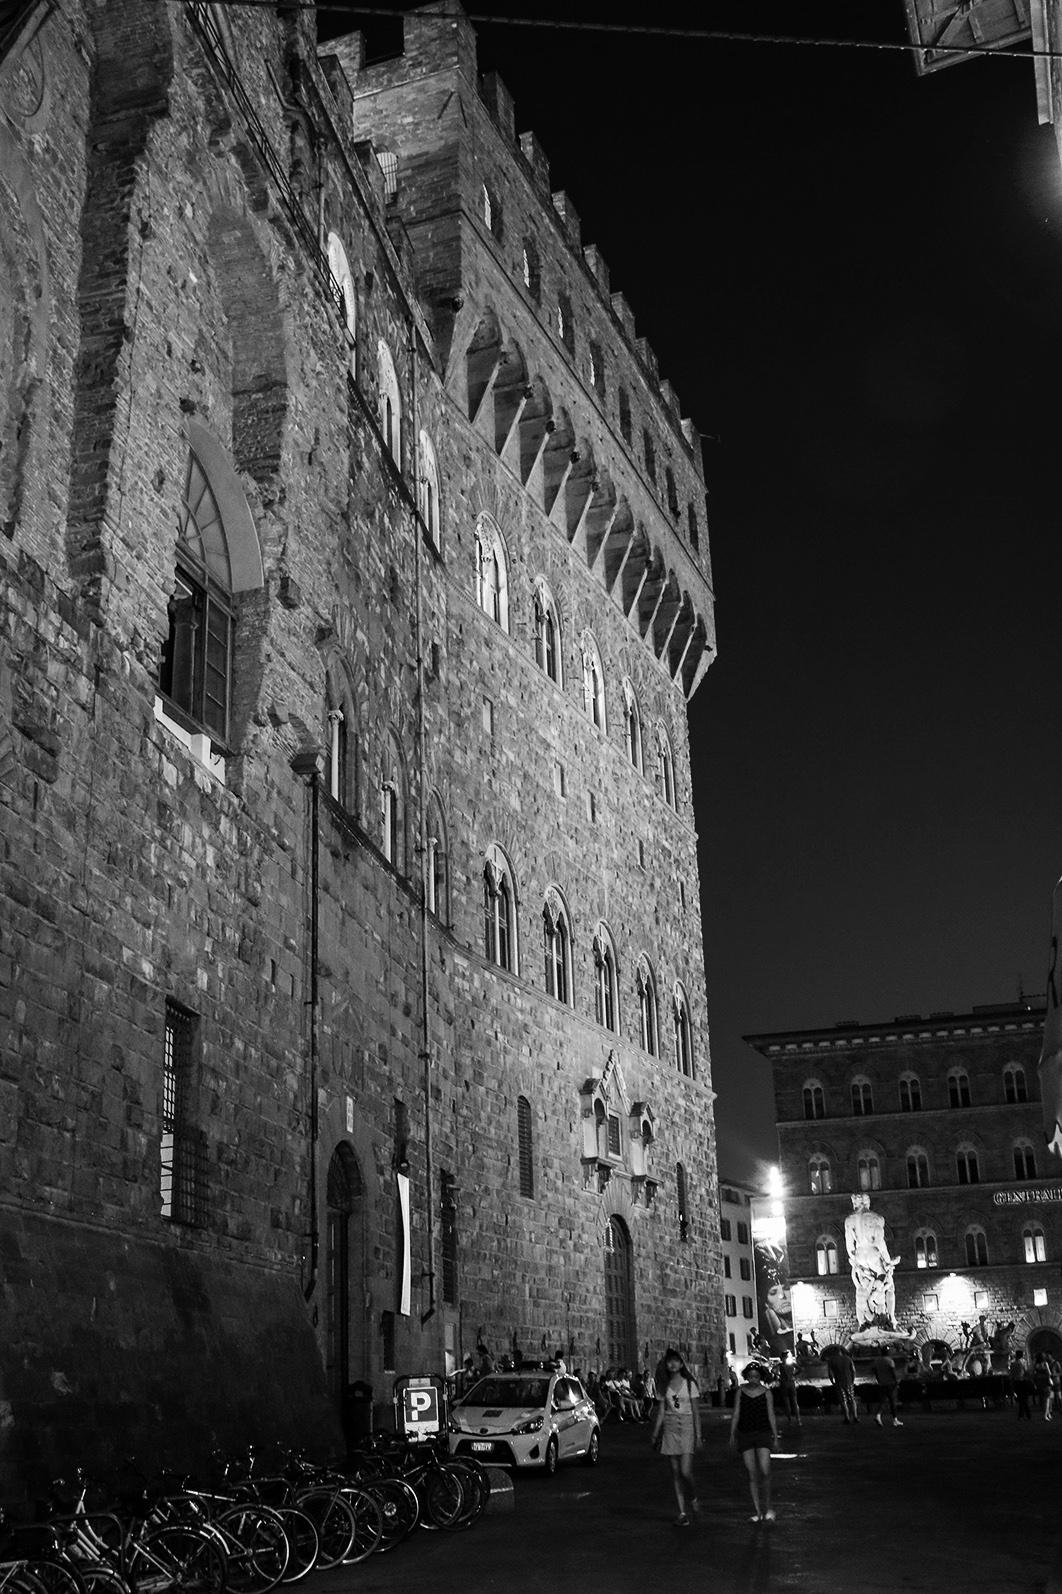 Piazza della Signoria Florencia 4 b